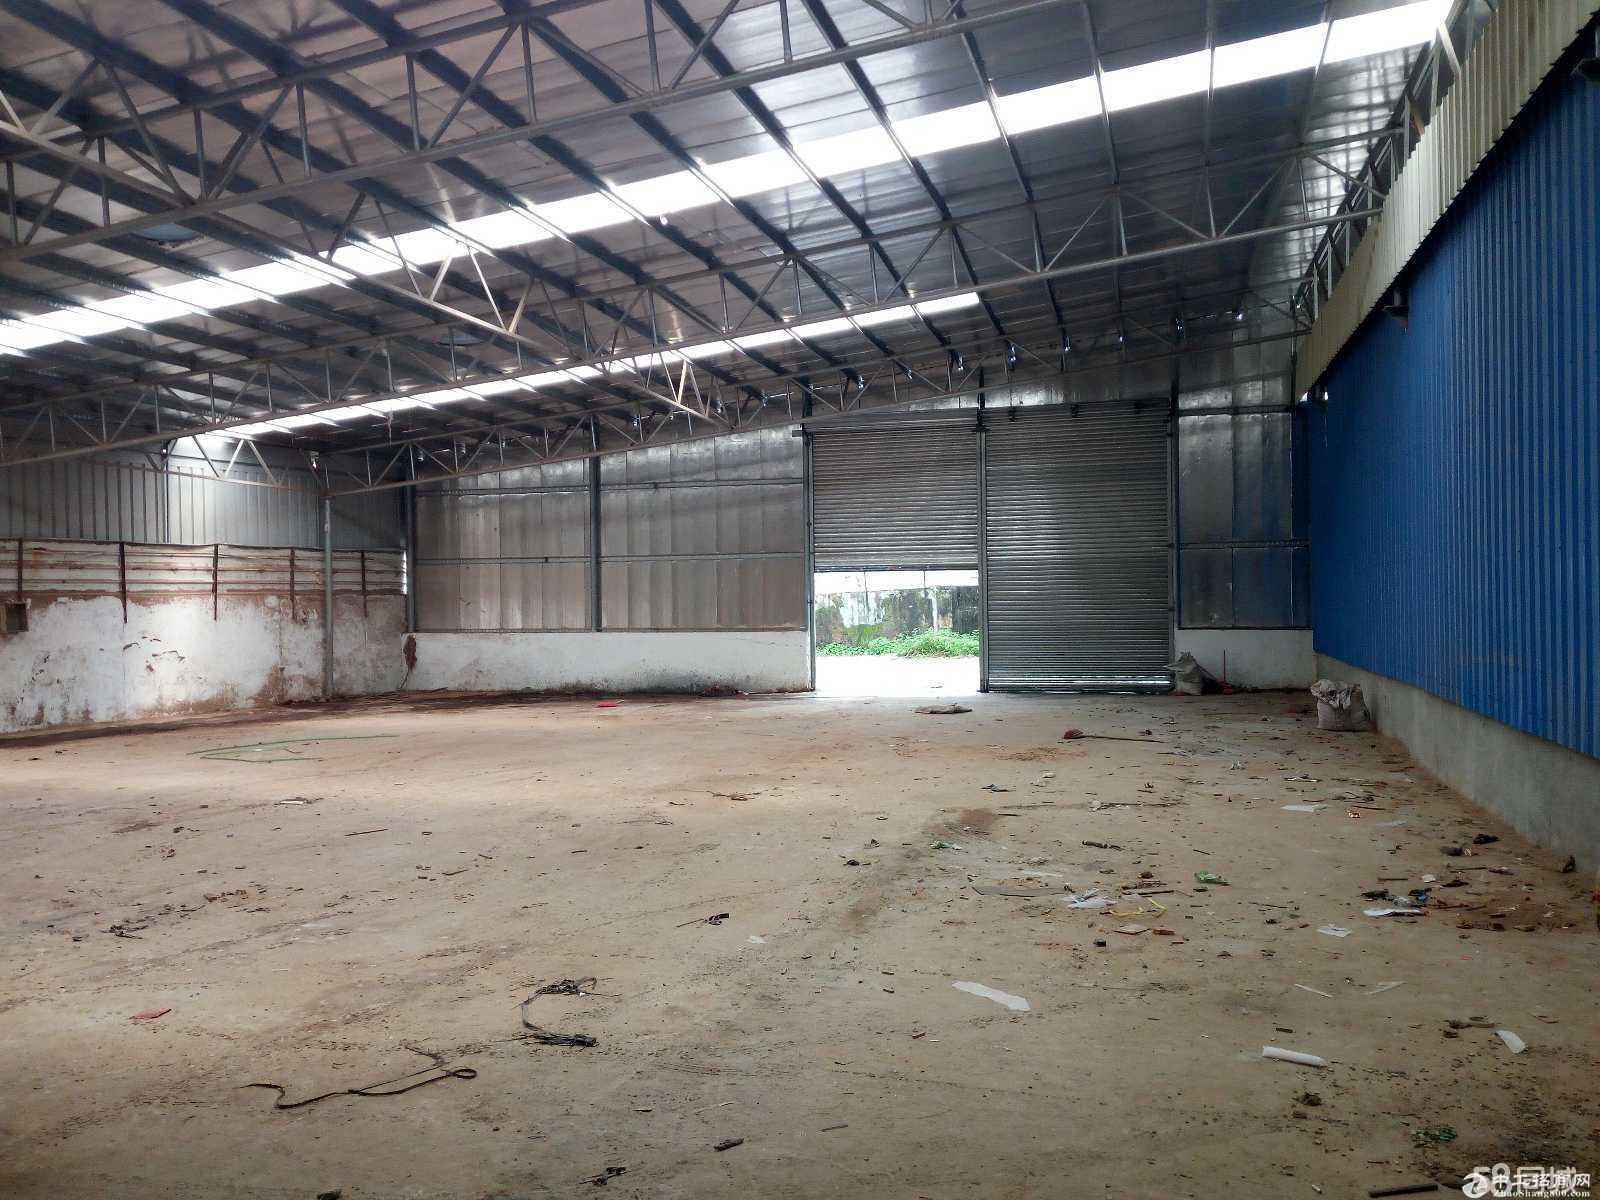 出租港口大南一楼厂房 仓库有300方的院子厂600方马路宽大-图2